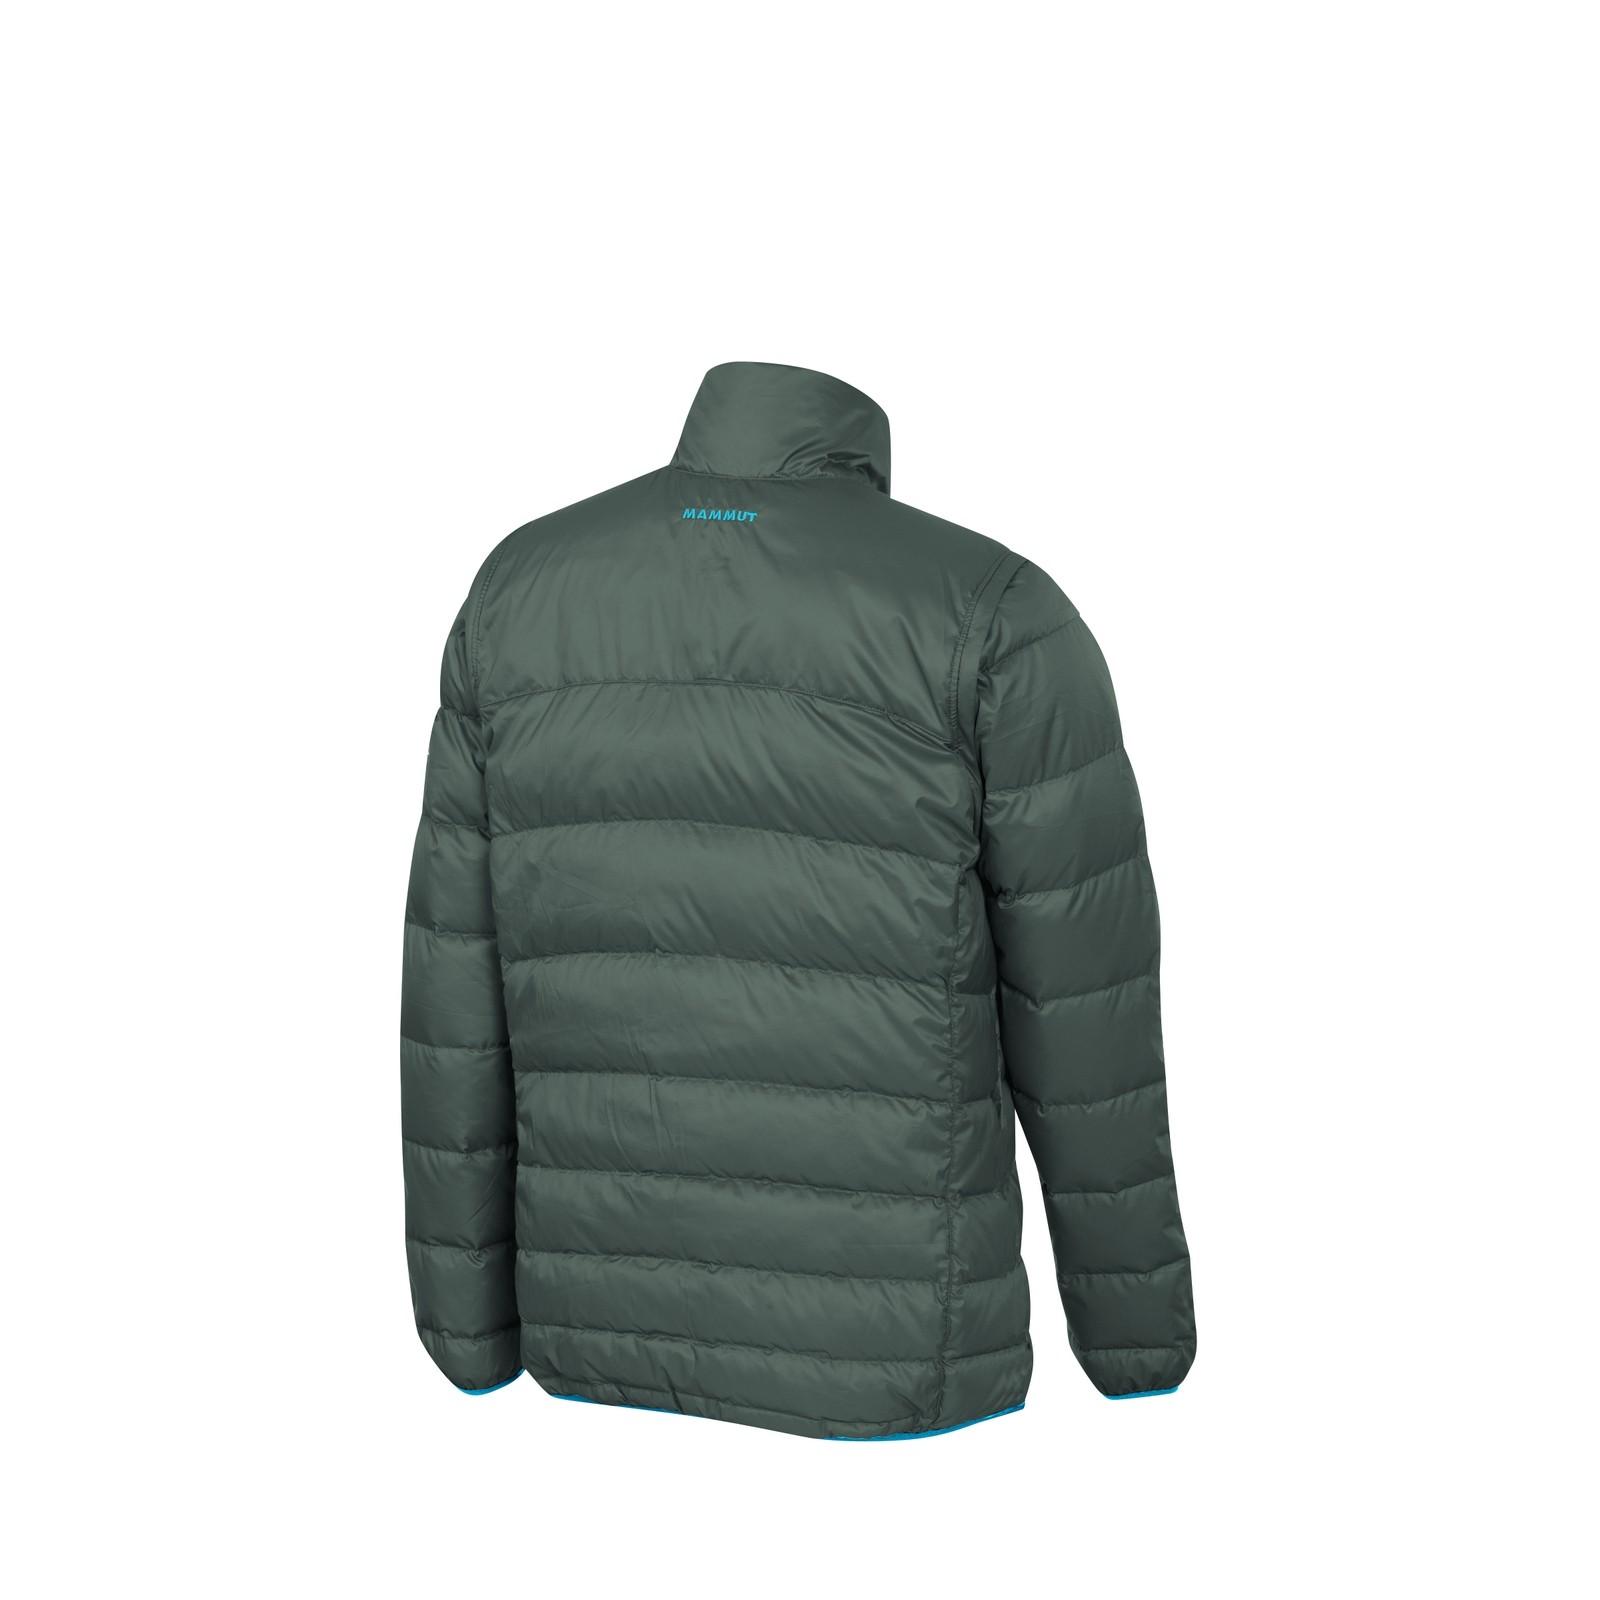 buy popular 29422 c4a4b Pullover Besticken: Mammut T shirt Herren